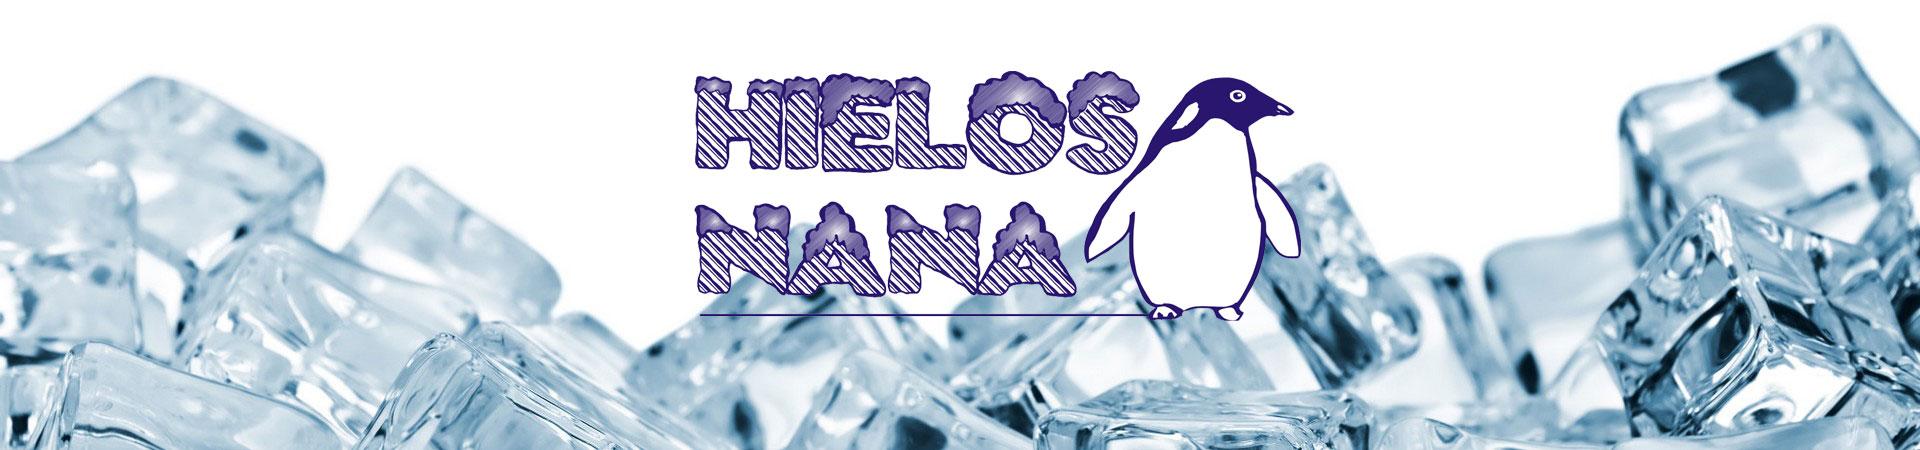 bloques de hielo en don benito, bloques de hielo en vegas altas